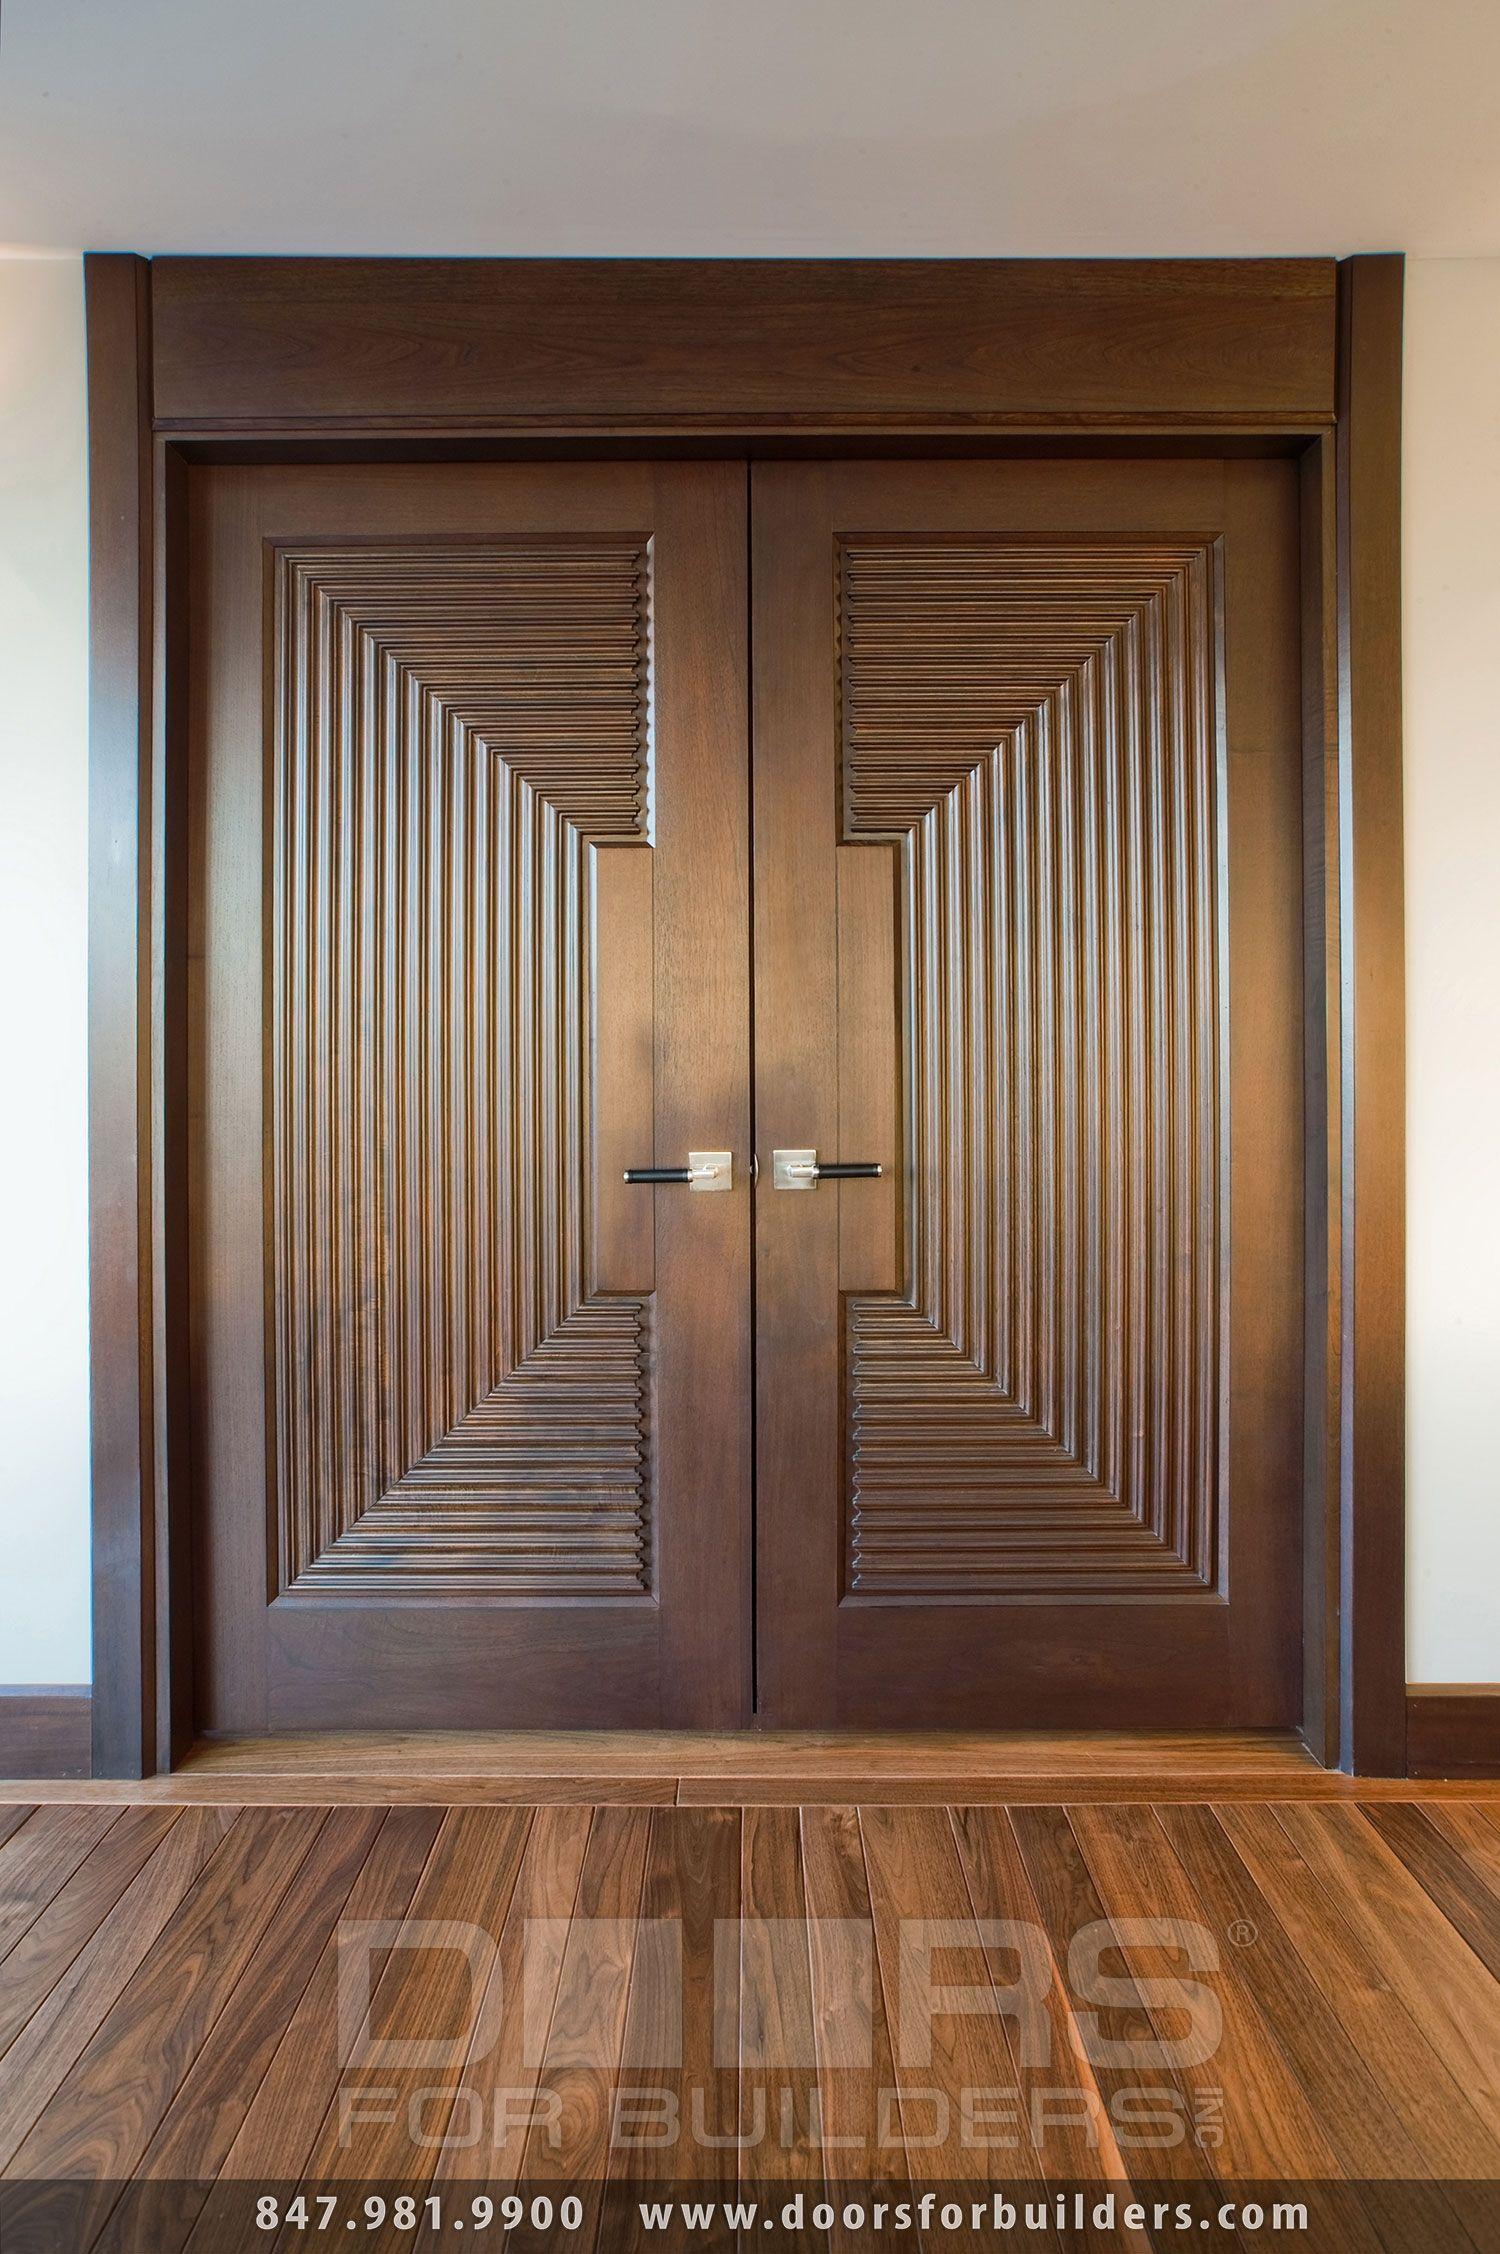 Solid Wood Double Doors Interior House Pinterest Double Doors